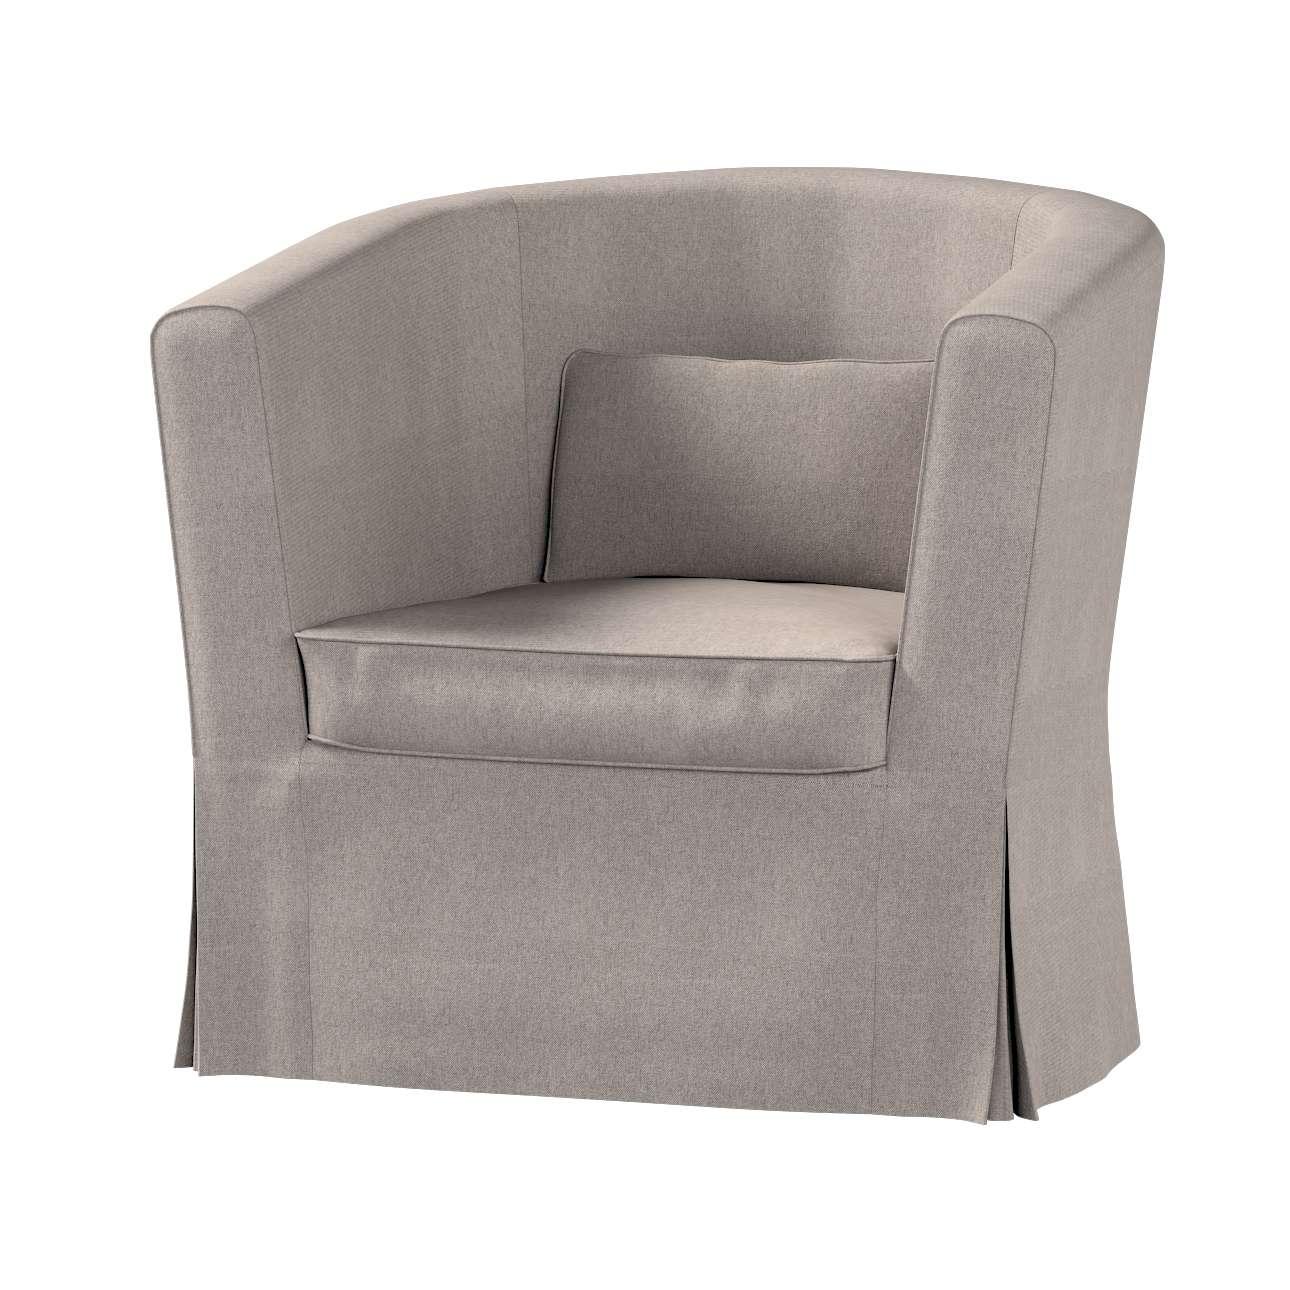 Pokrowiec na fotel Ektorp Tullsta w kolekcji Etna , tkanina: 705-09